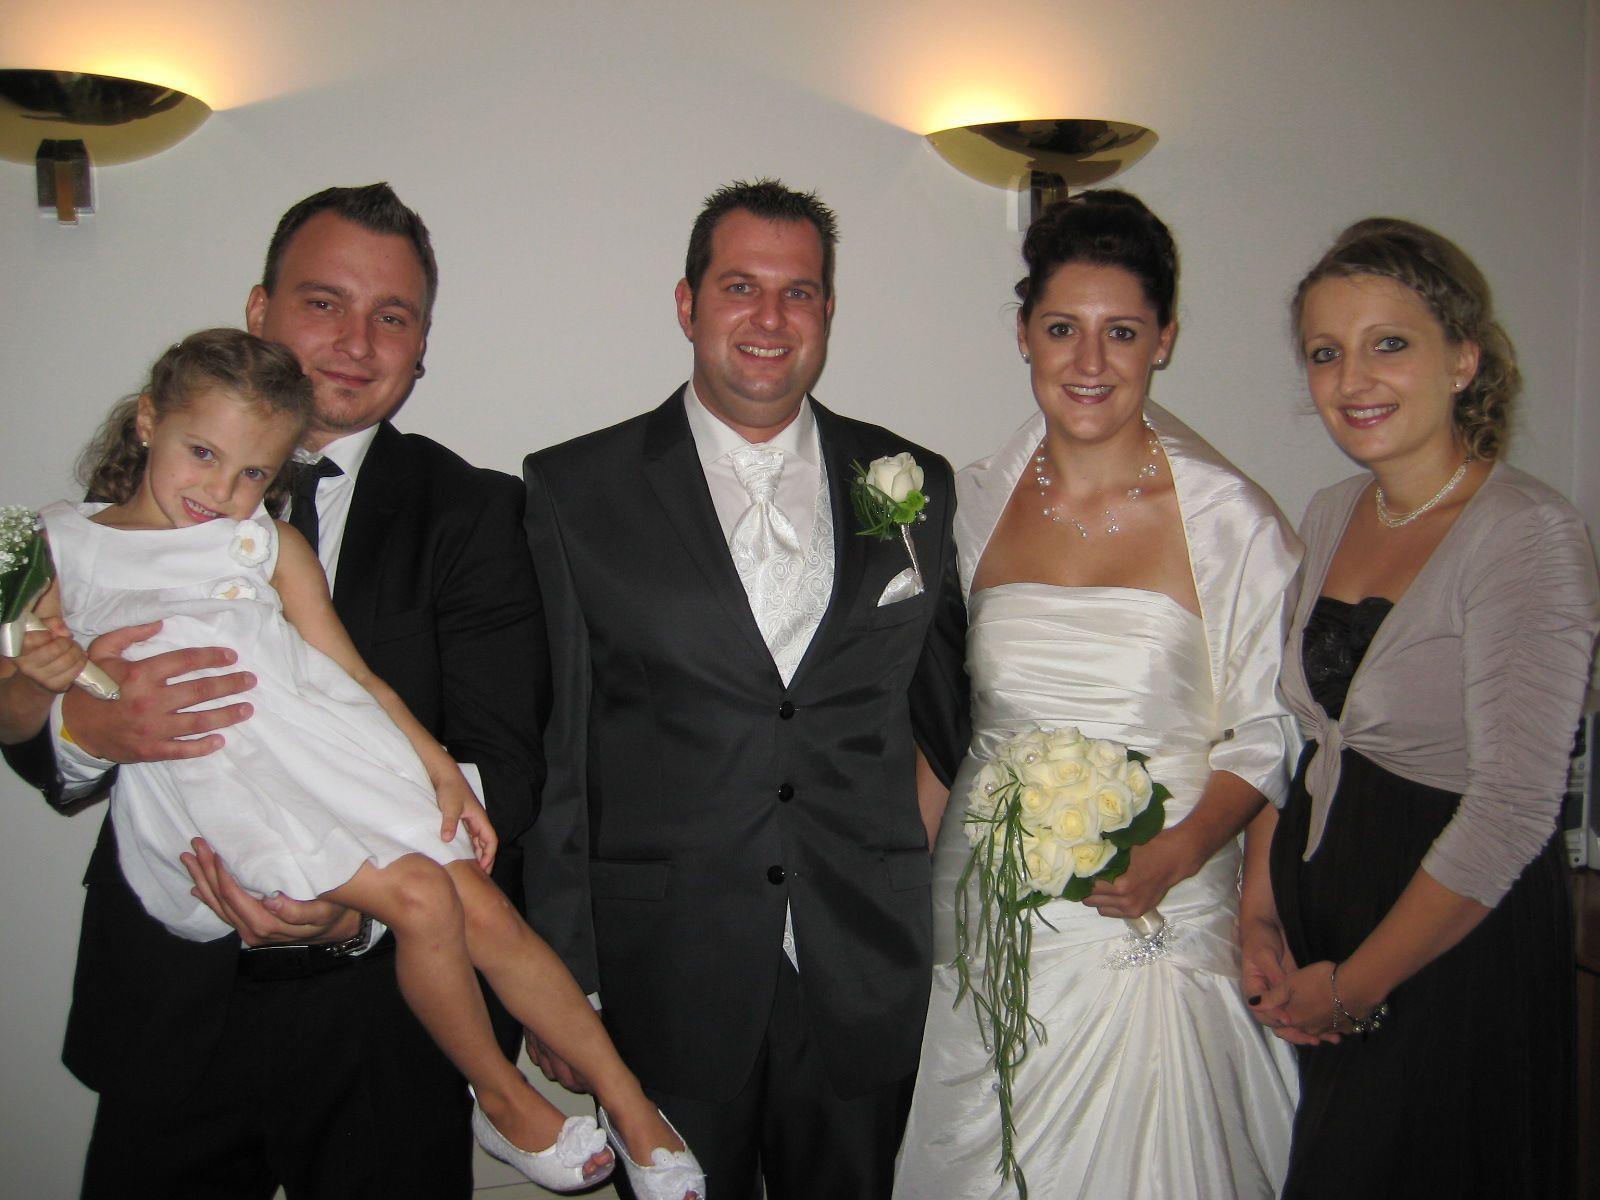 Marisa Engl und Bernd Gächter haben geheiratet.